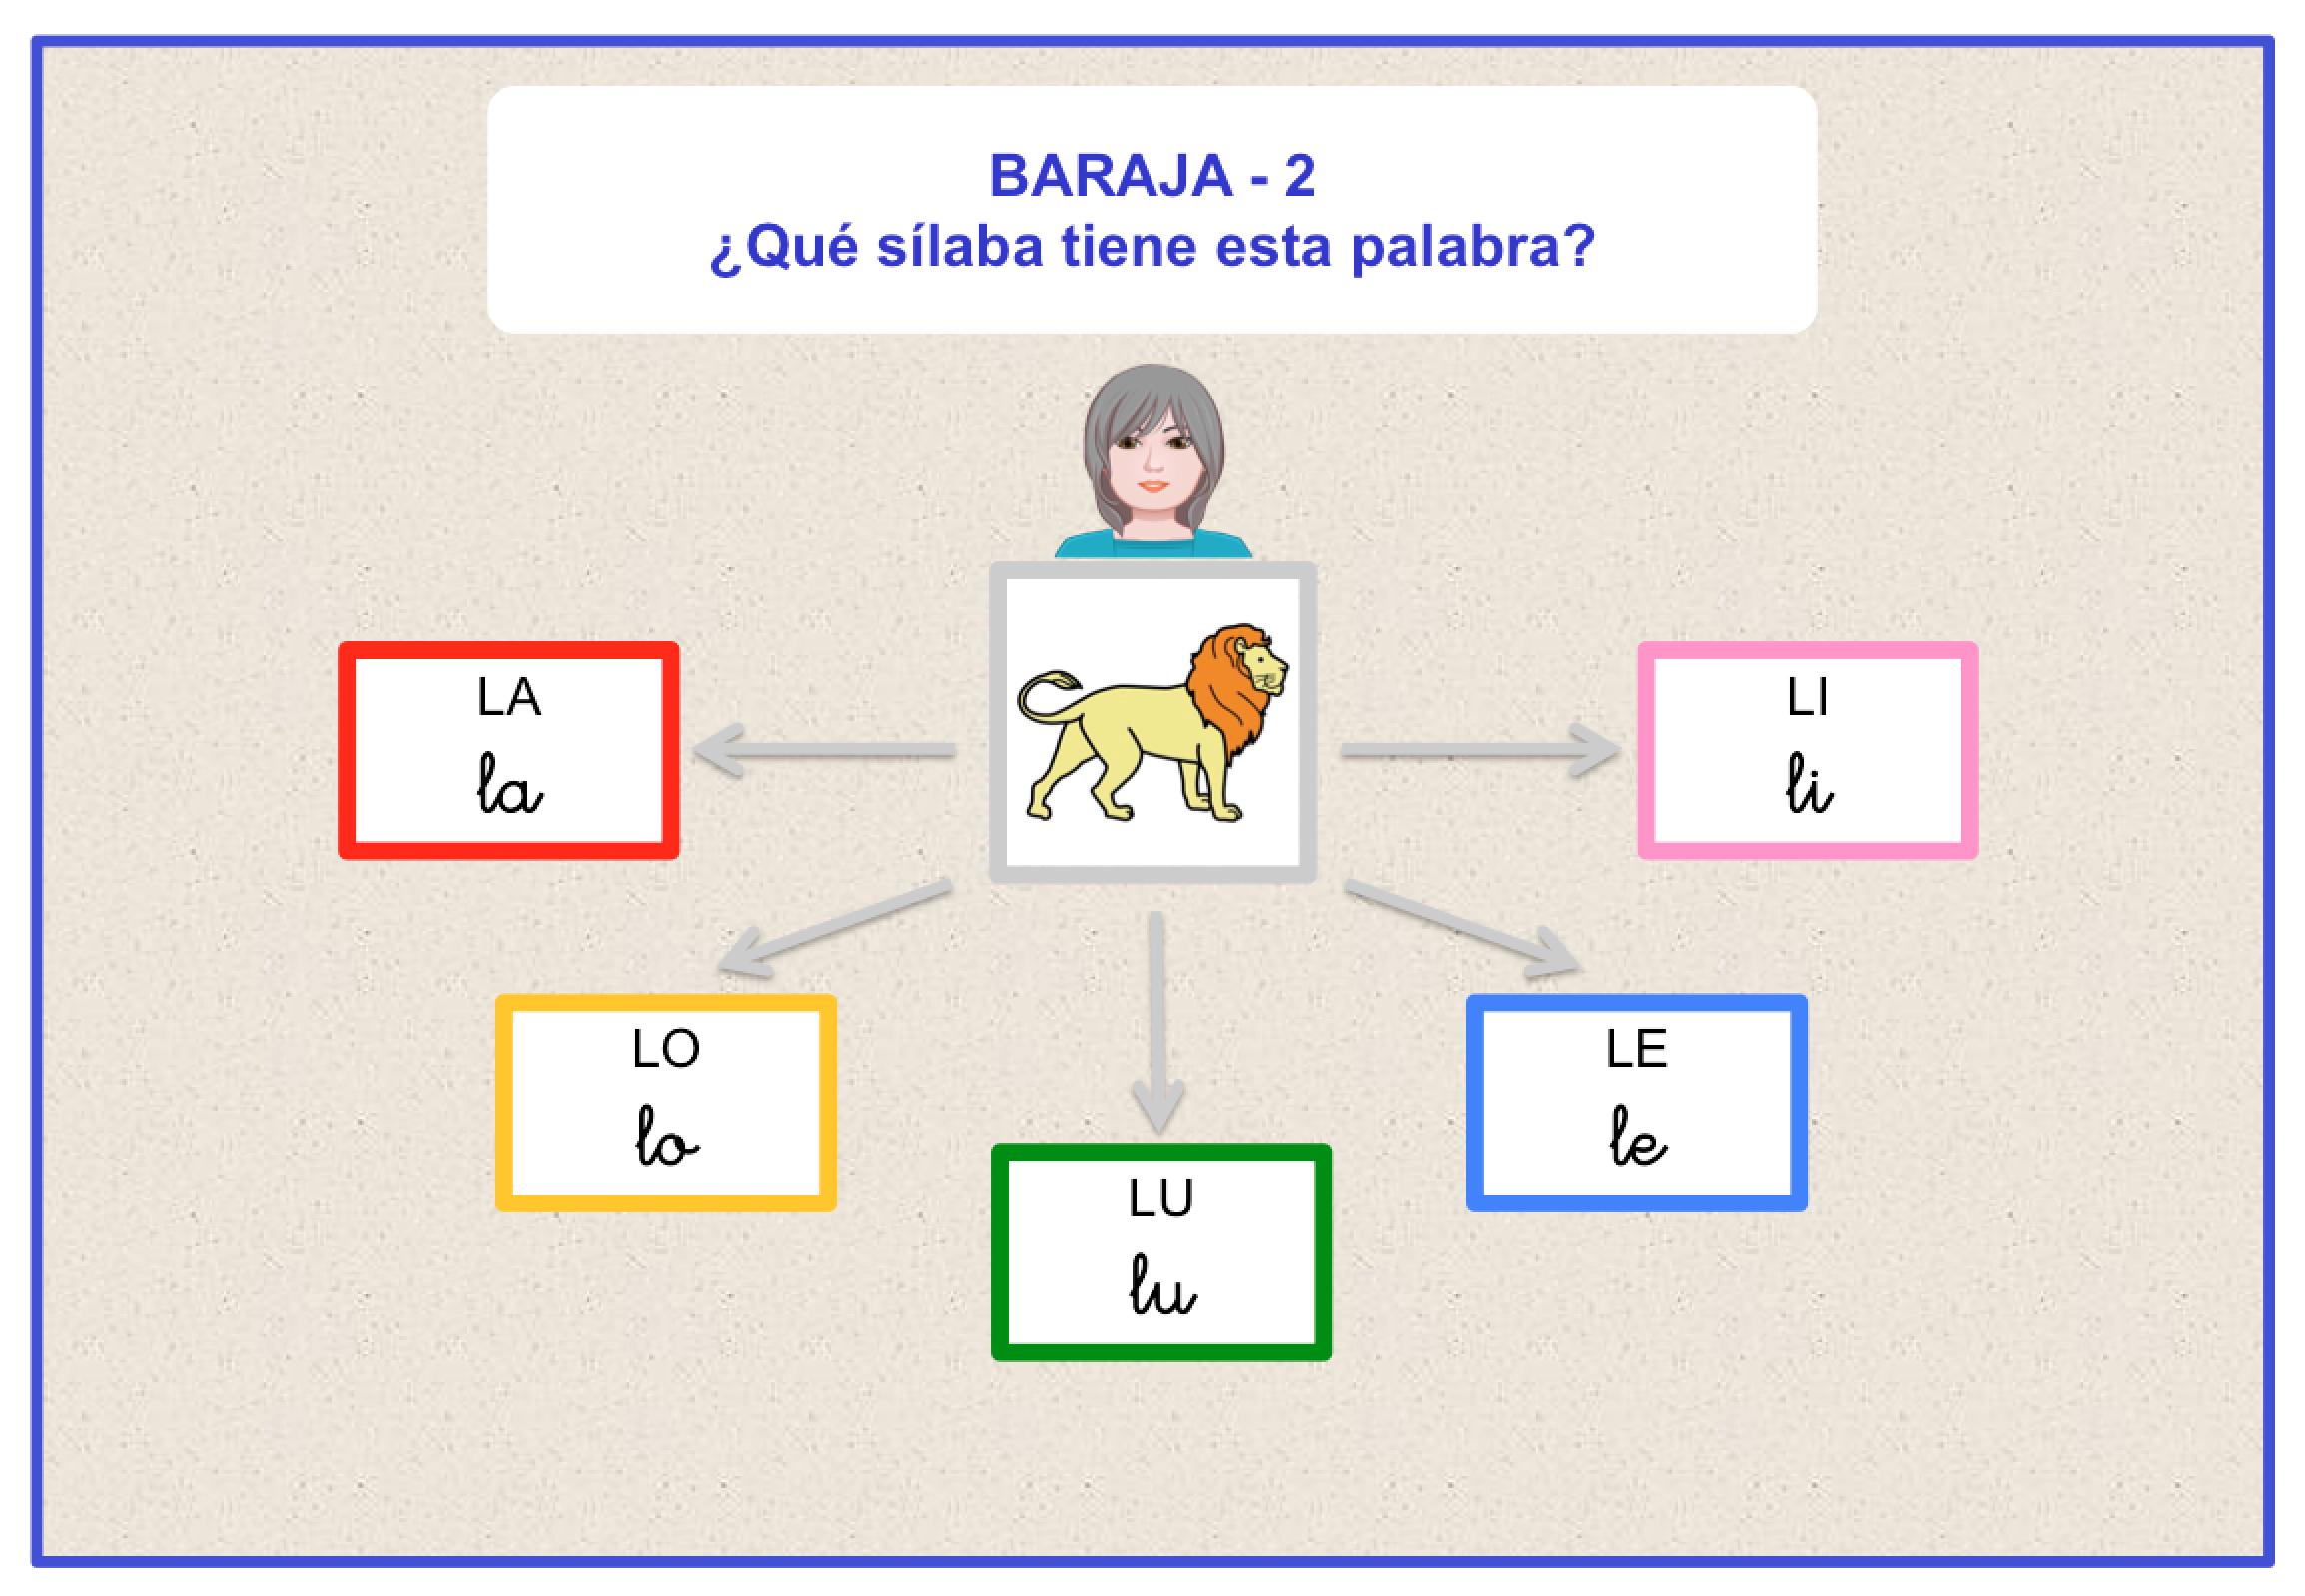 barajasil-2